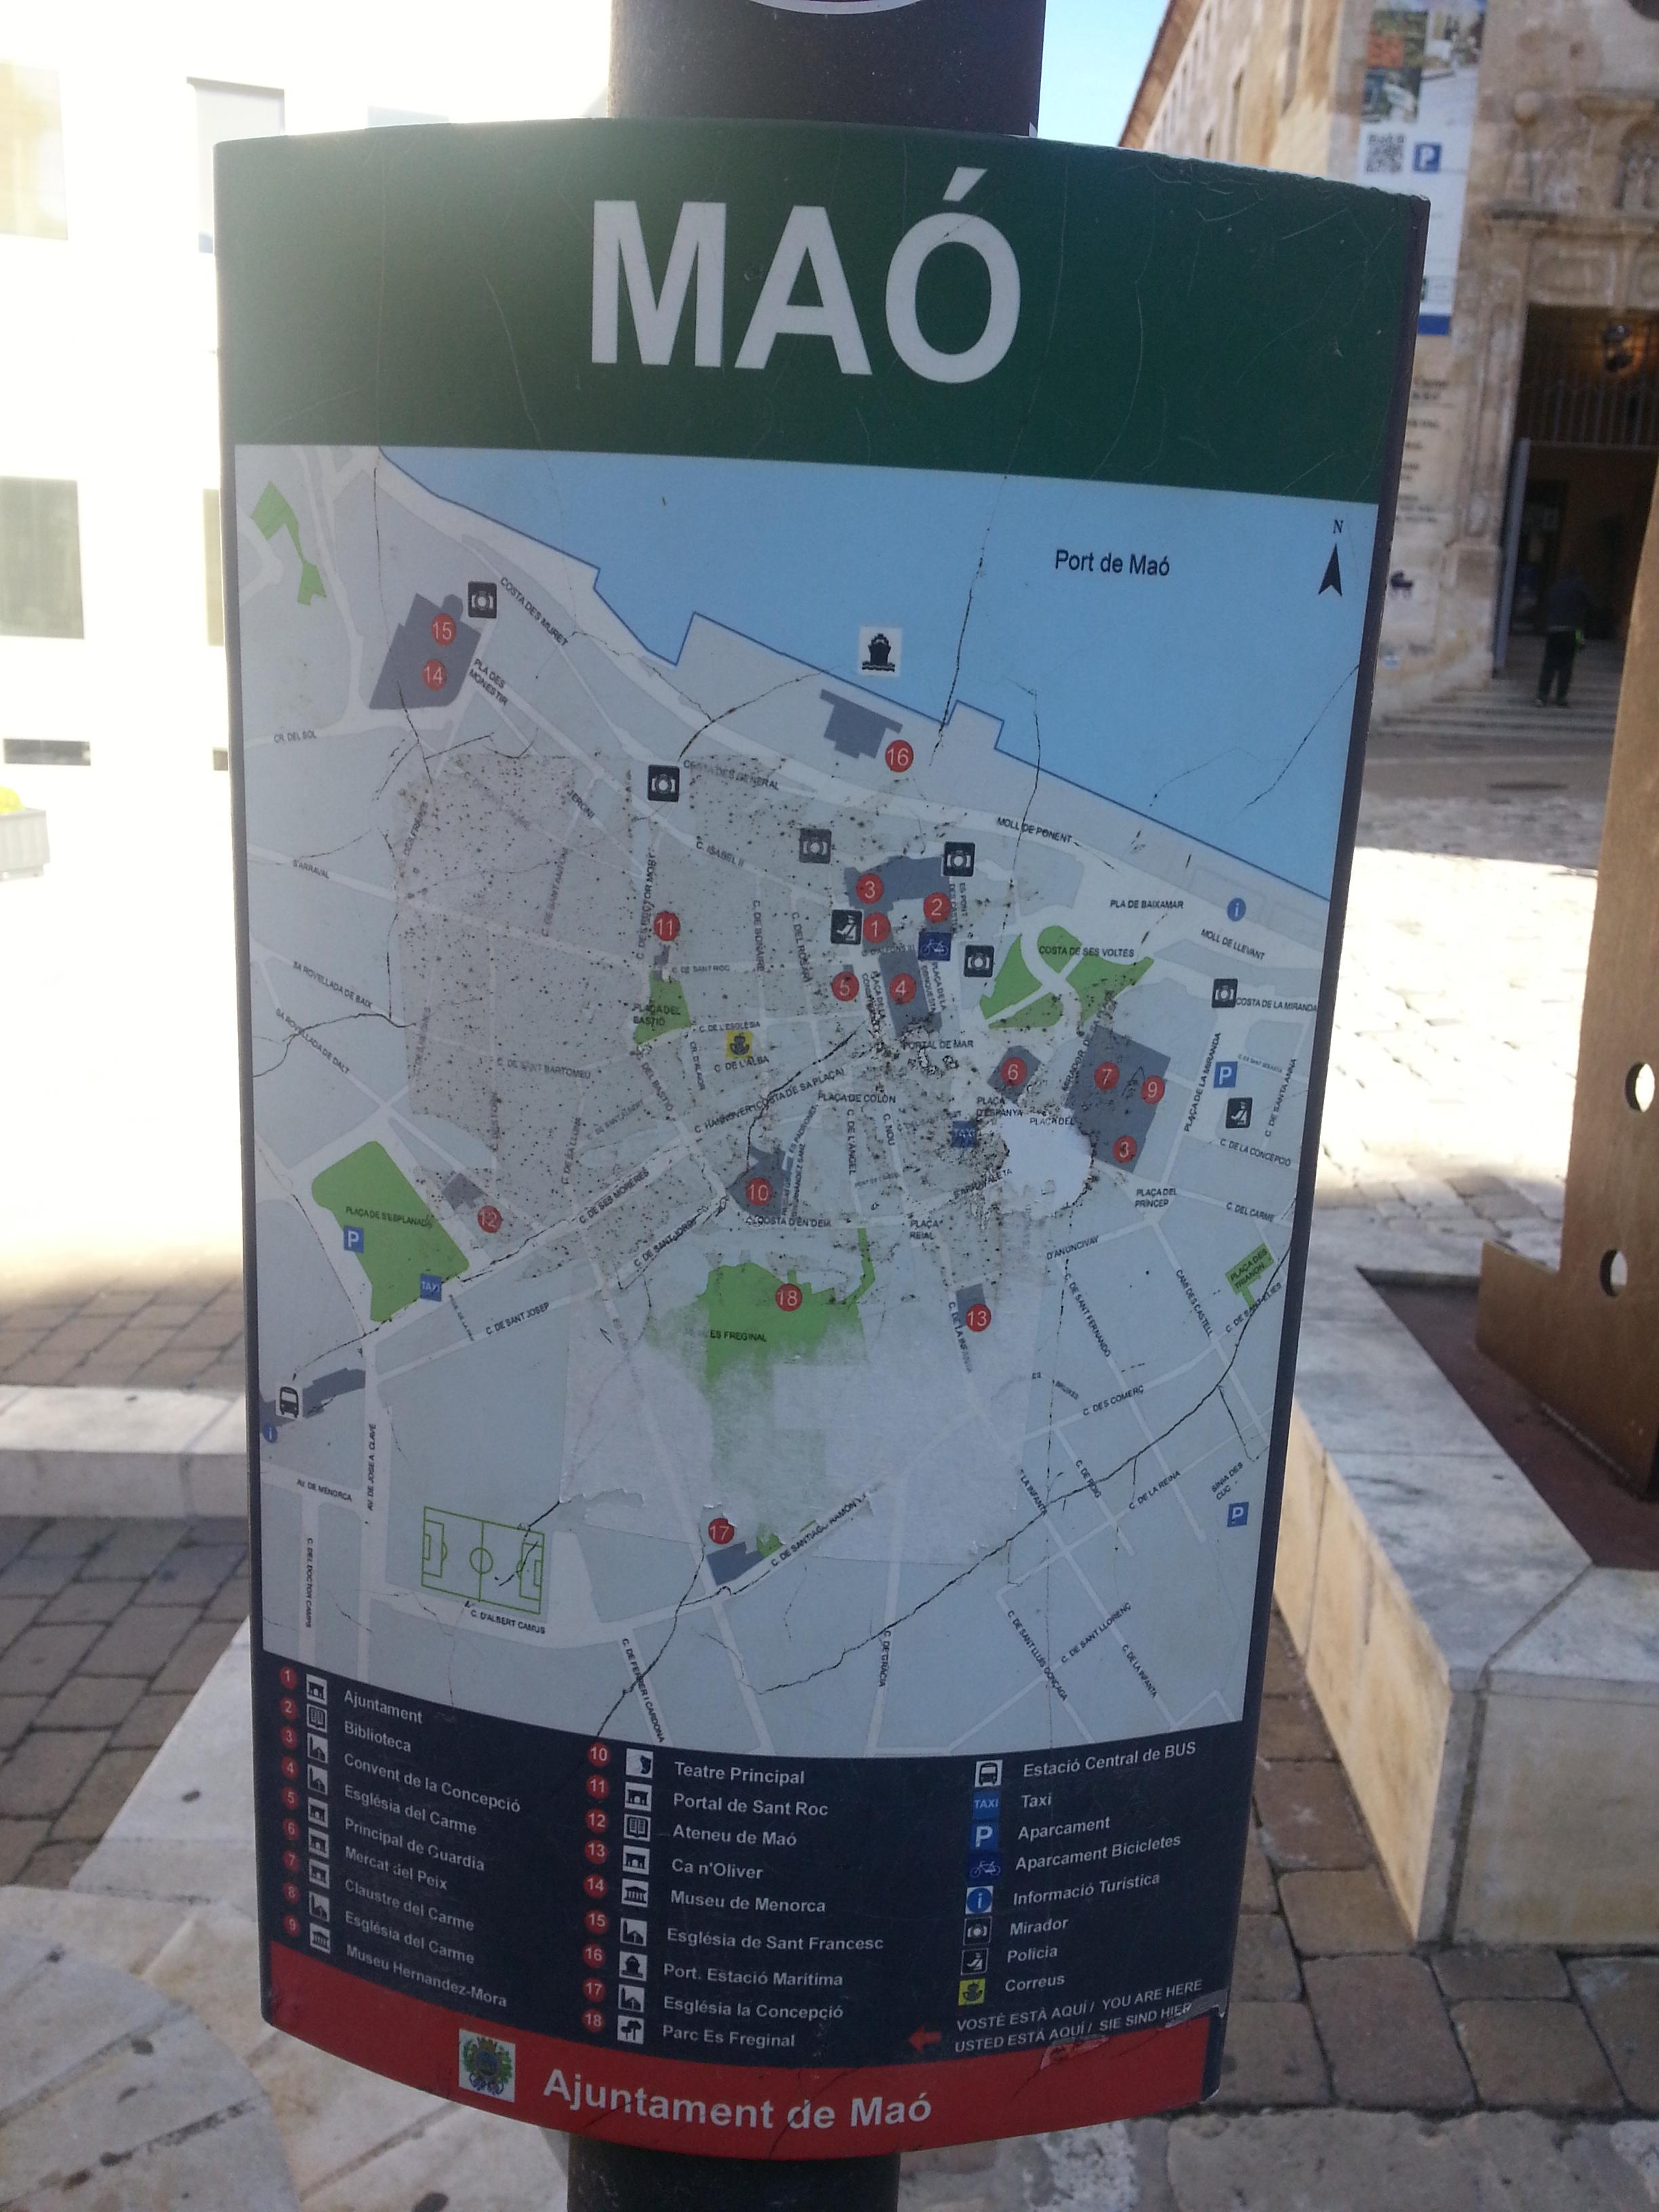 mao signs 2015-11-19 11.16.54.jpg